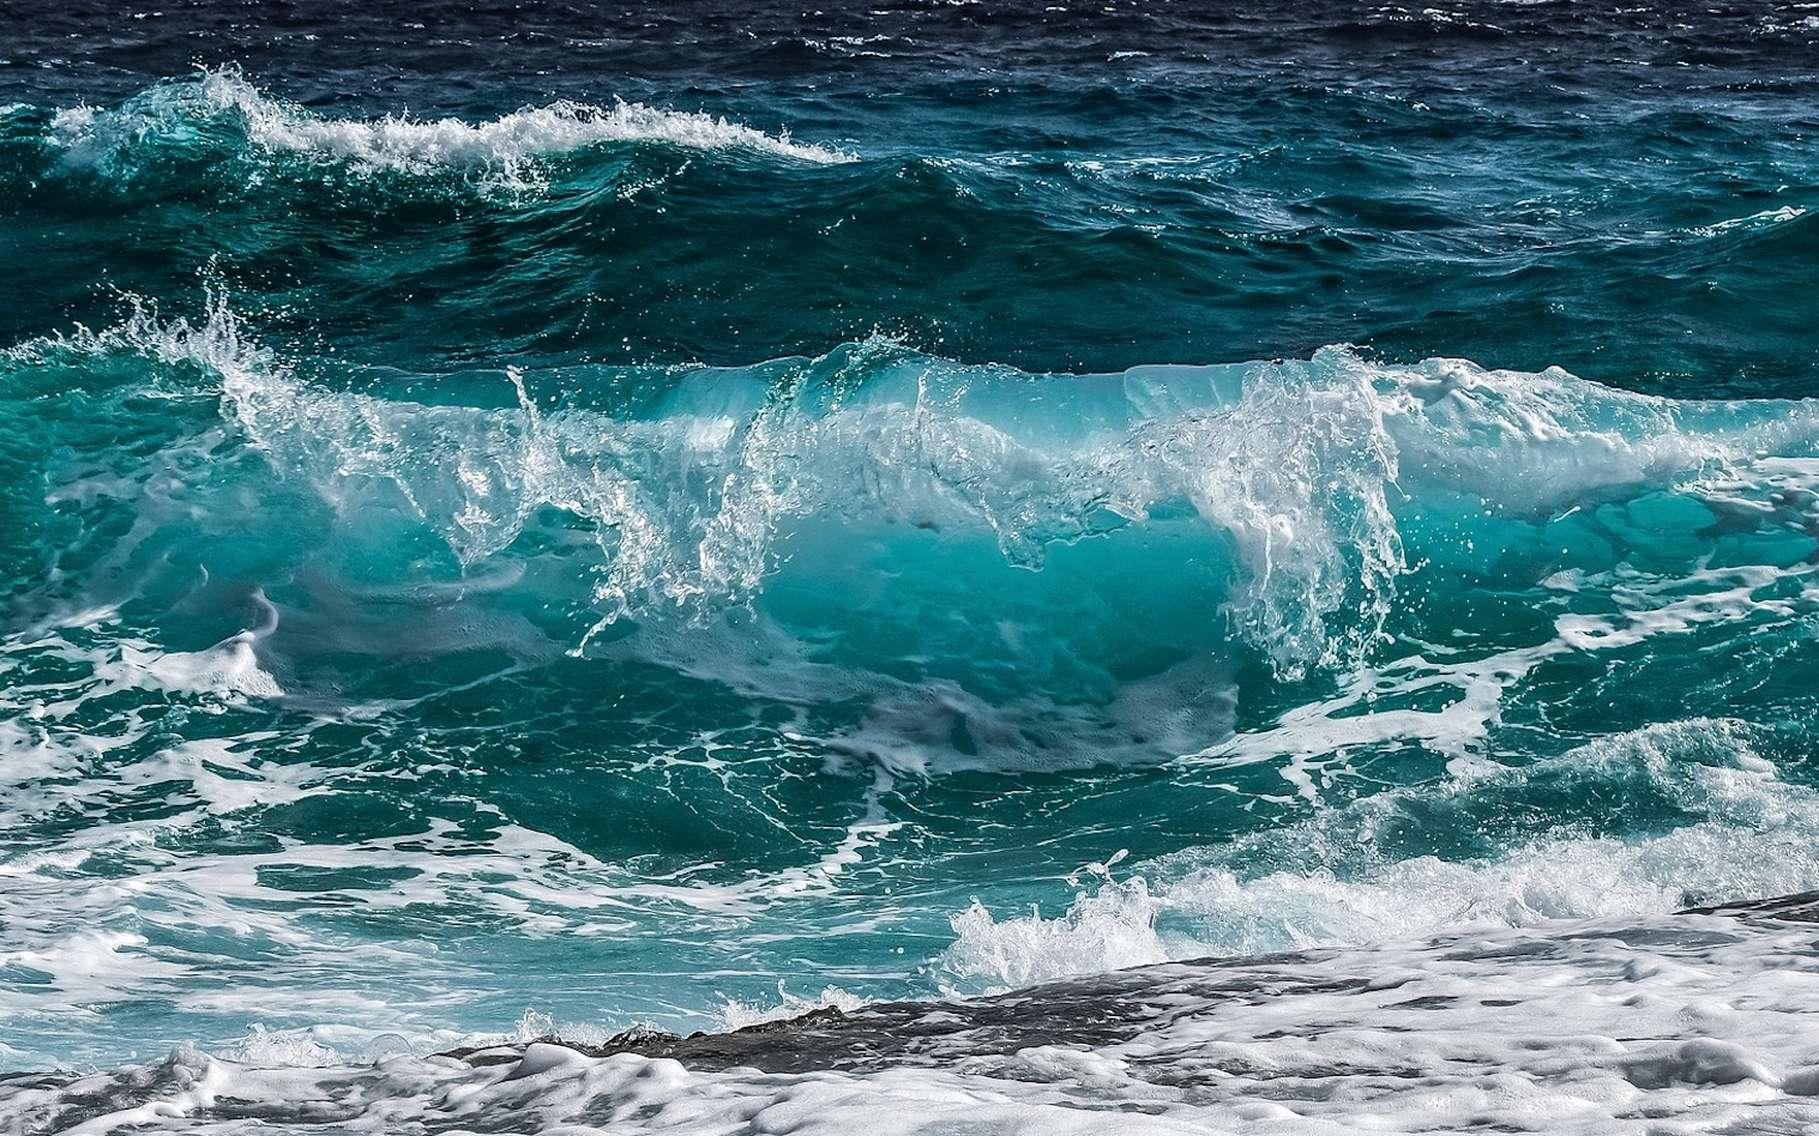 Des chercheurs de l'université de Stanford (États-Unis) ont mis au point un prototype d'électrolyseur capable de produire de l'hydrogène à partir d'eau de mer. © dimitrisvetsikas1969, Pixabay, CC0 Creative Commons